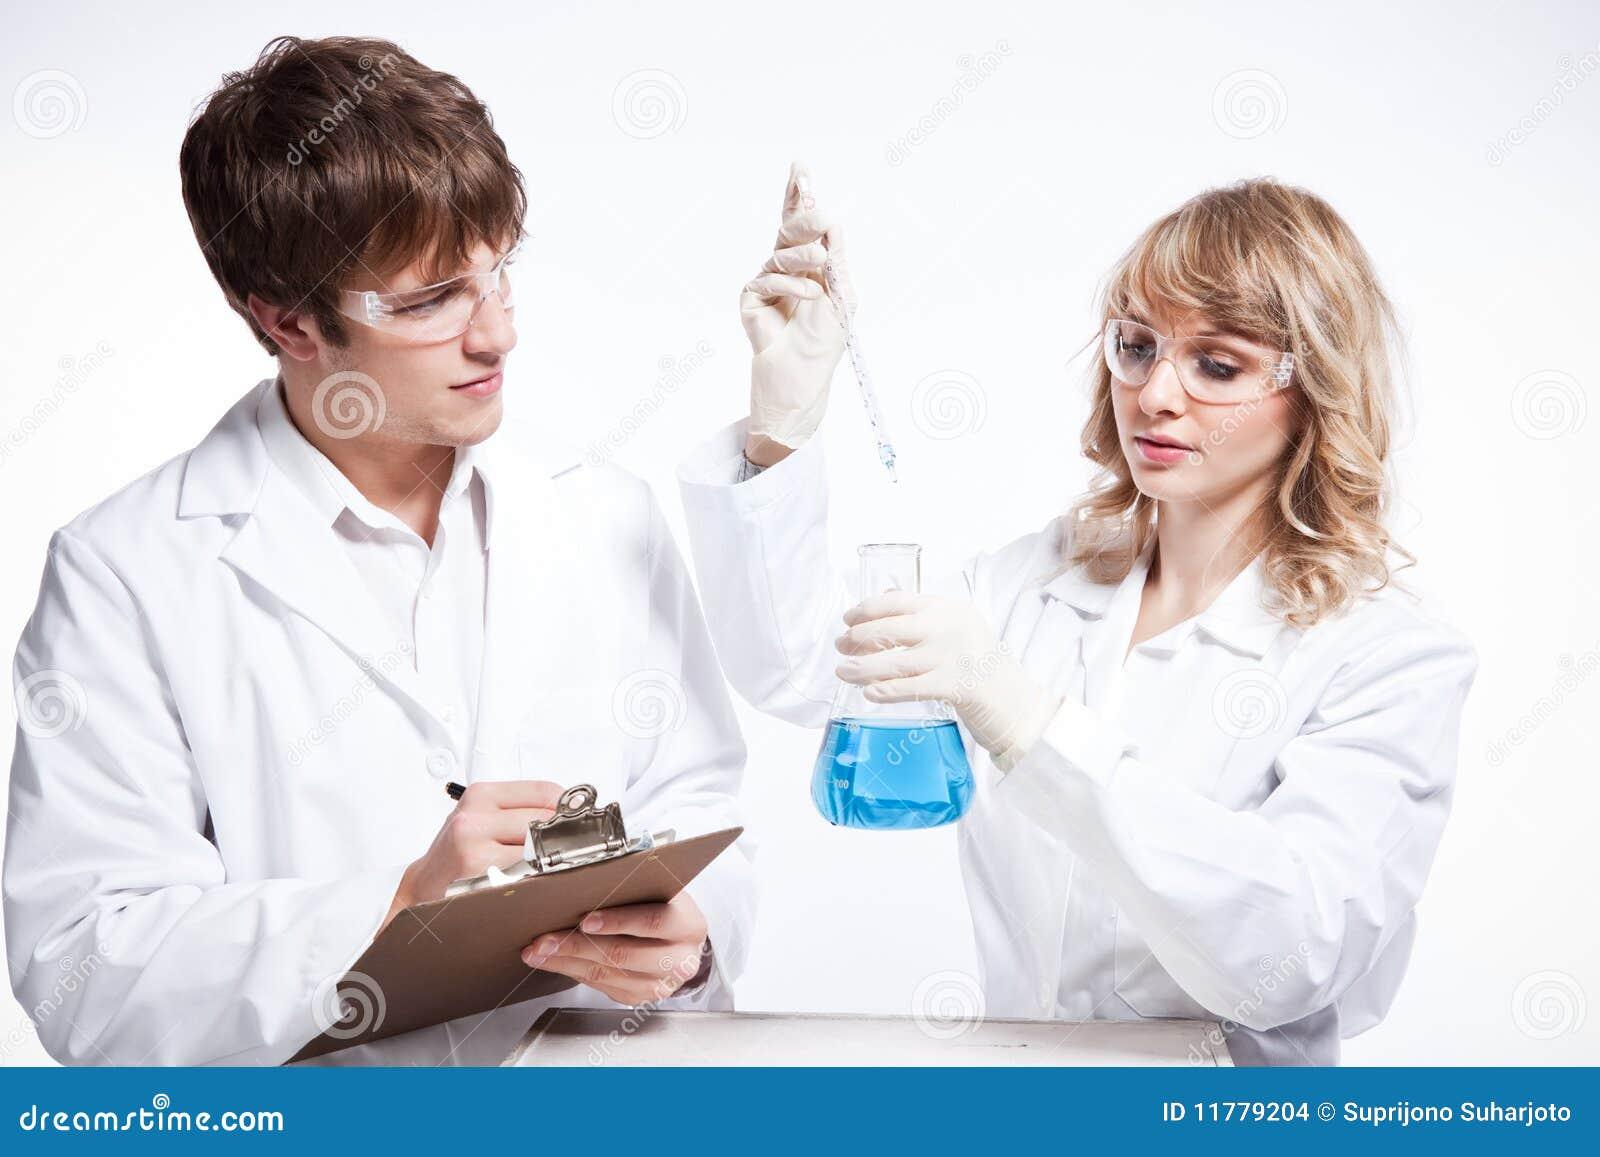 Working scientists